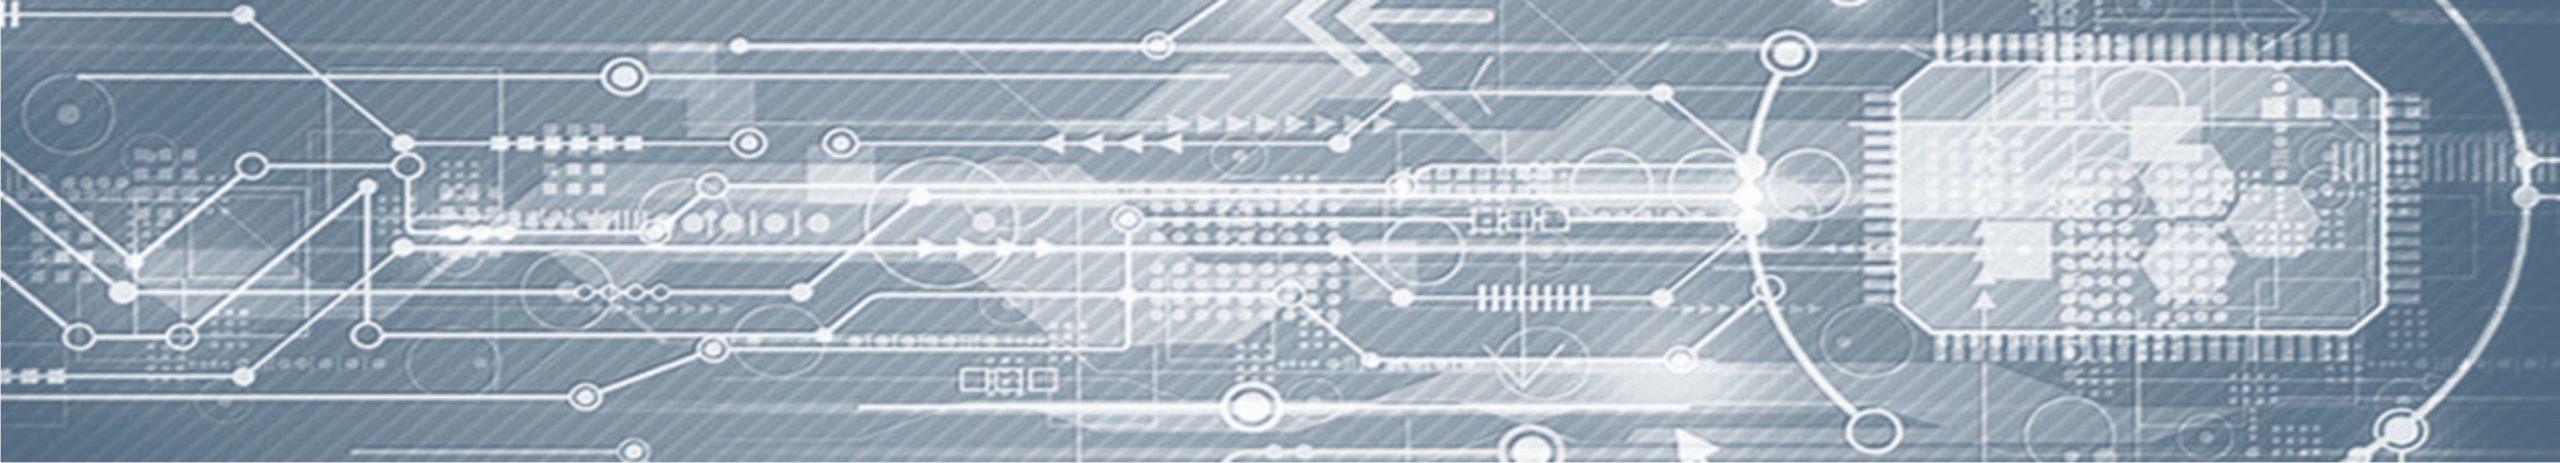 29.10.2021 — III МЕЖДУНАРОДНАЯ НАУЧНО-ПРАКТИЧЕСКАЯ КОНФЕРЕНЦИЯ ЦТП-2021